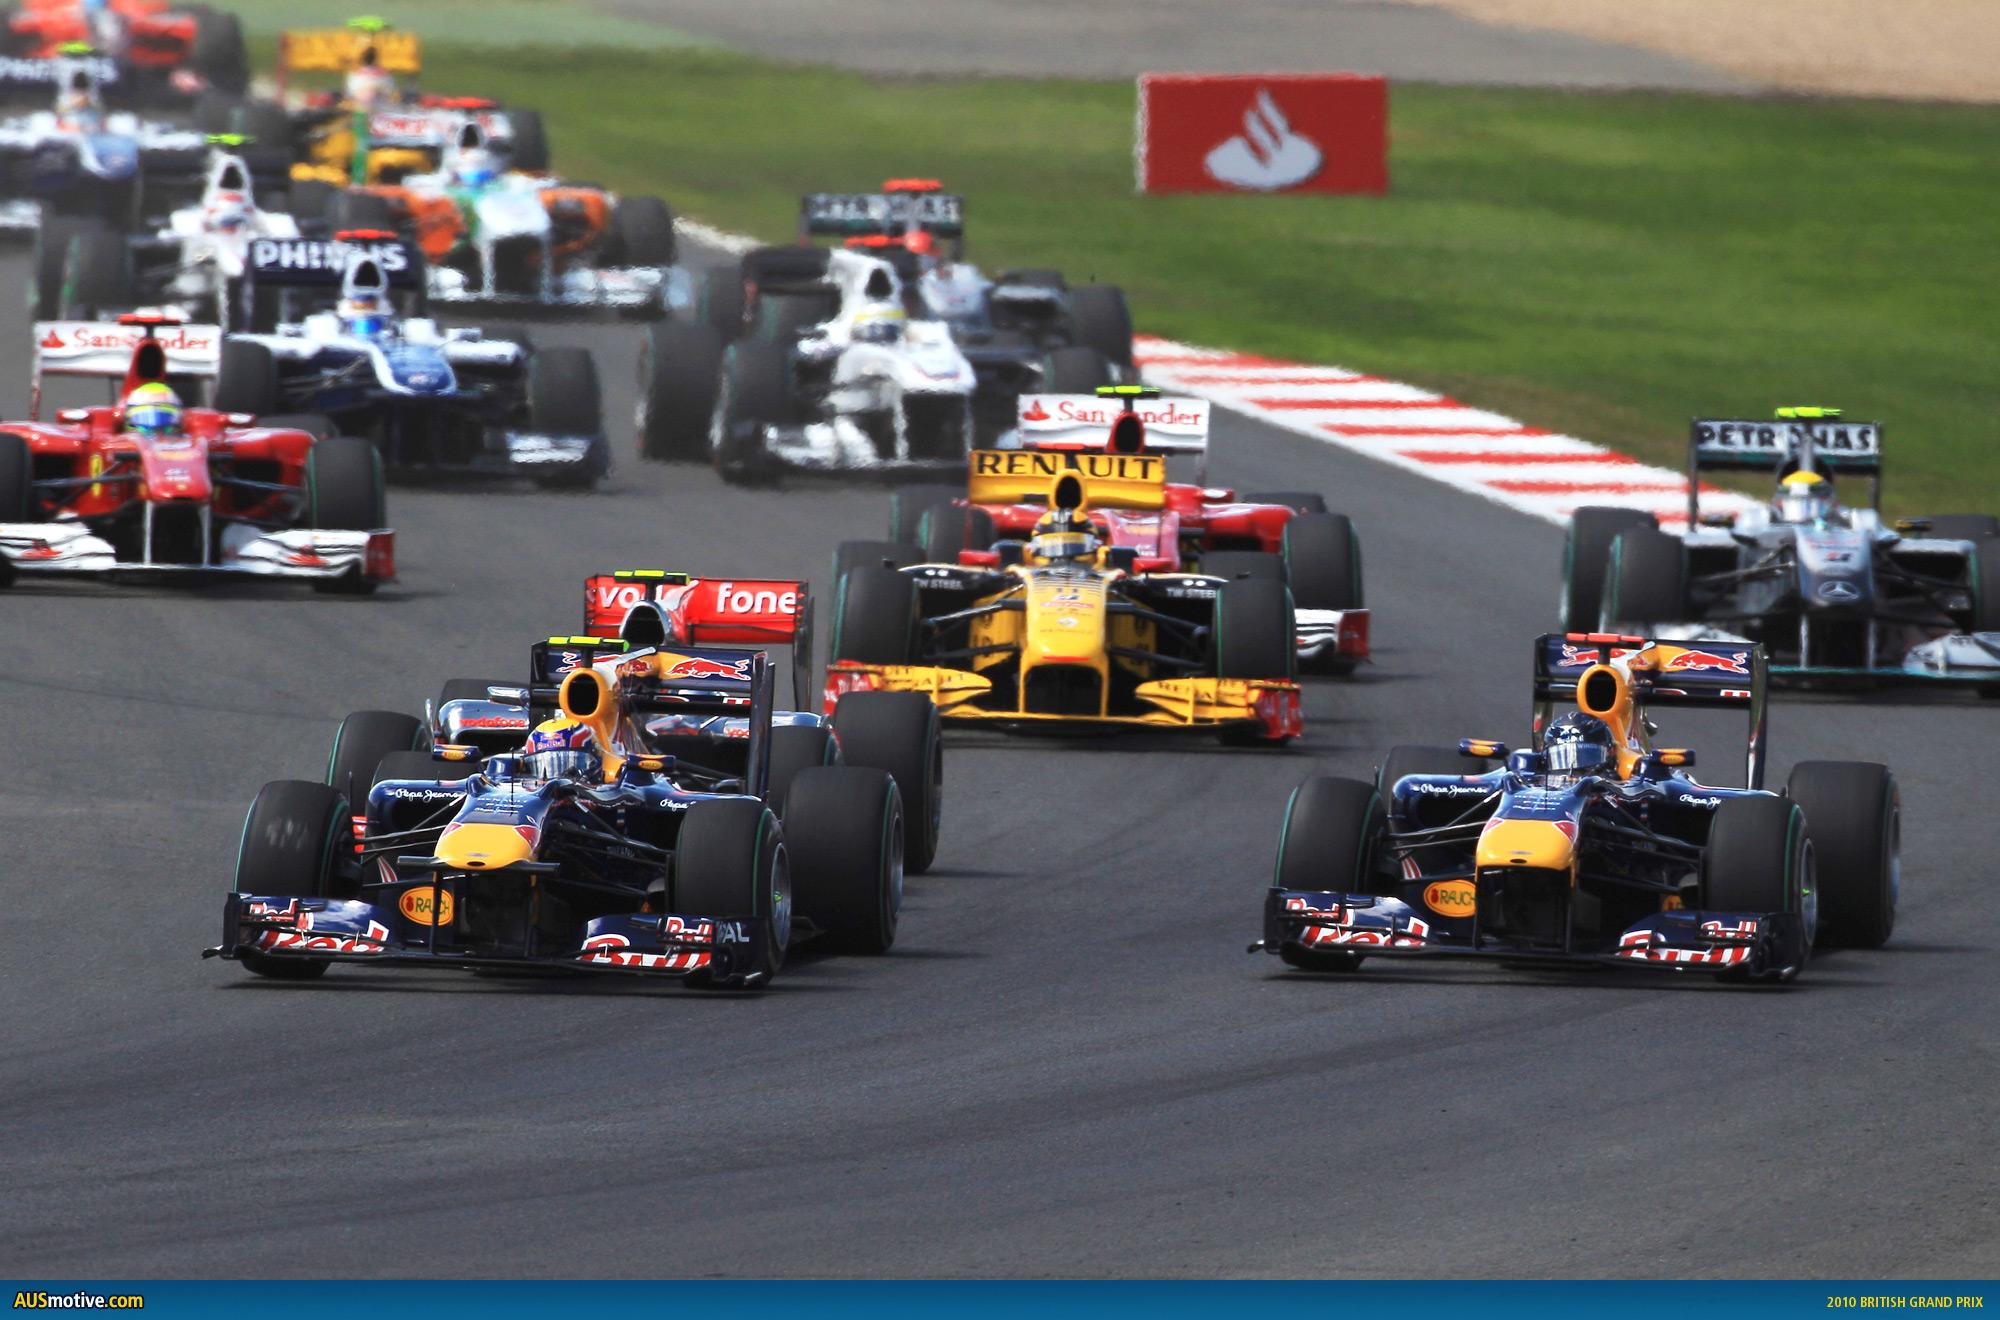 Российскую команду формулы-1 создадут на базе virgin racing